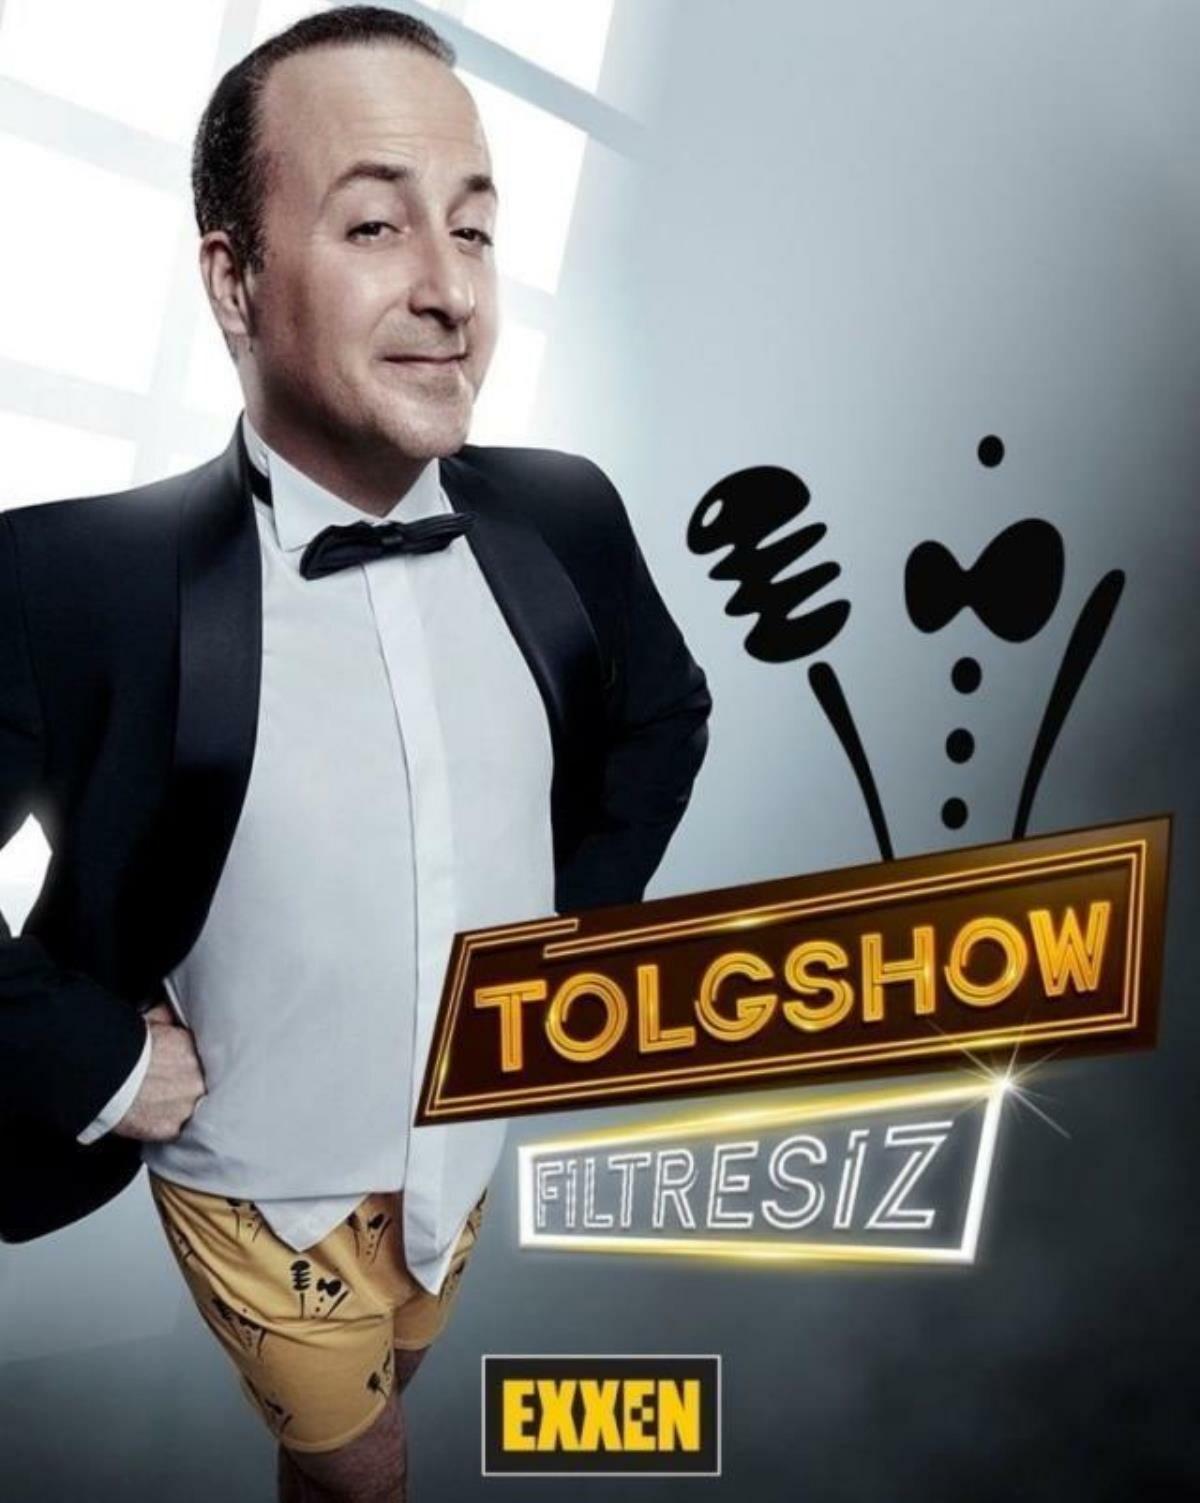 Tolgshow Filtresiz S01E12 1080p WEB-DL H264